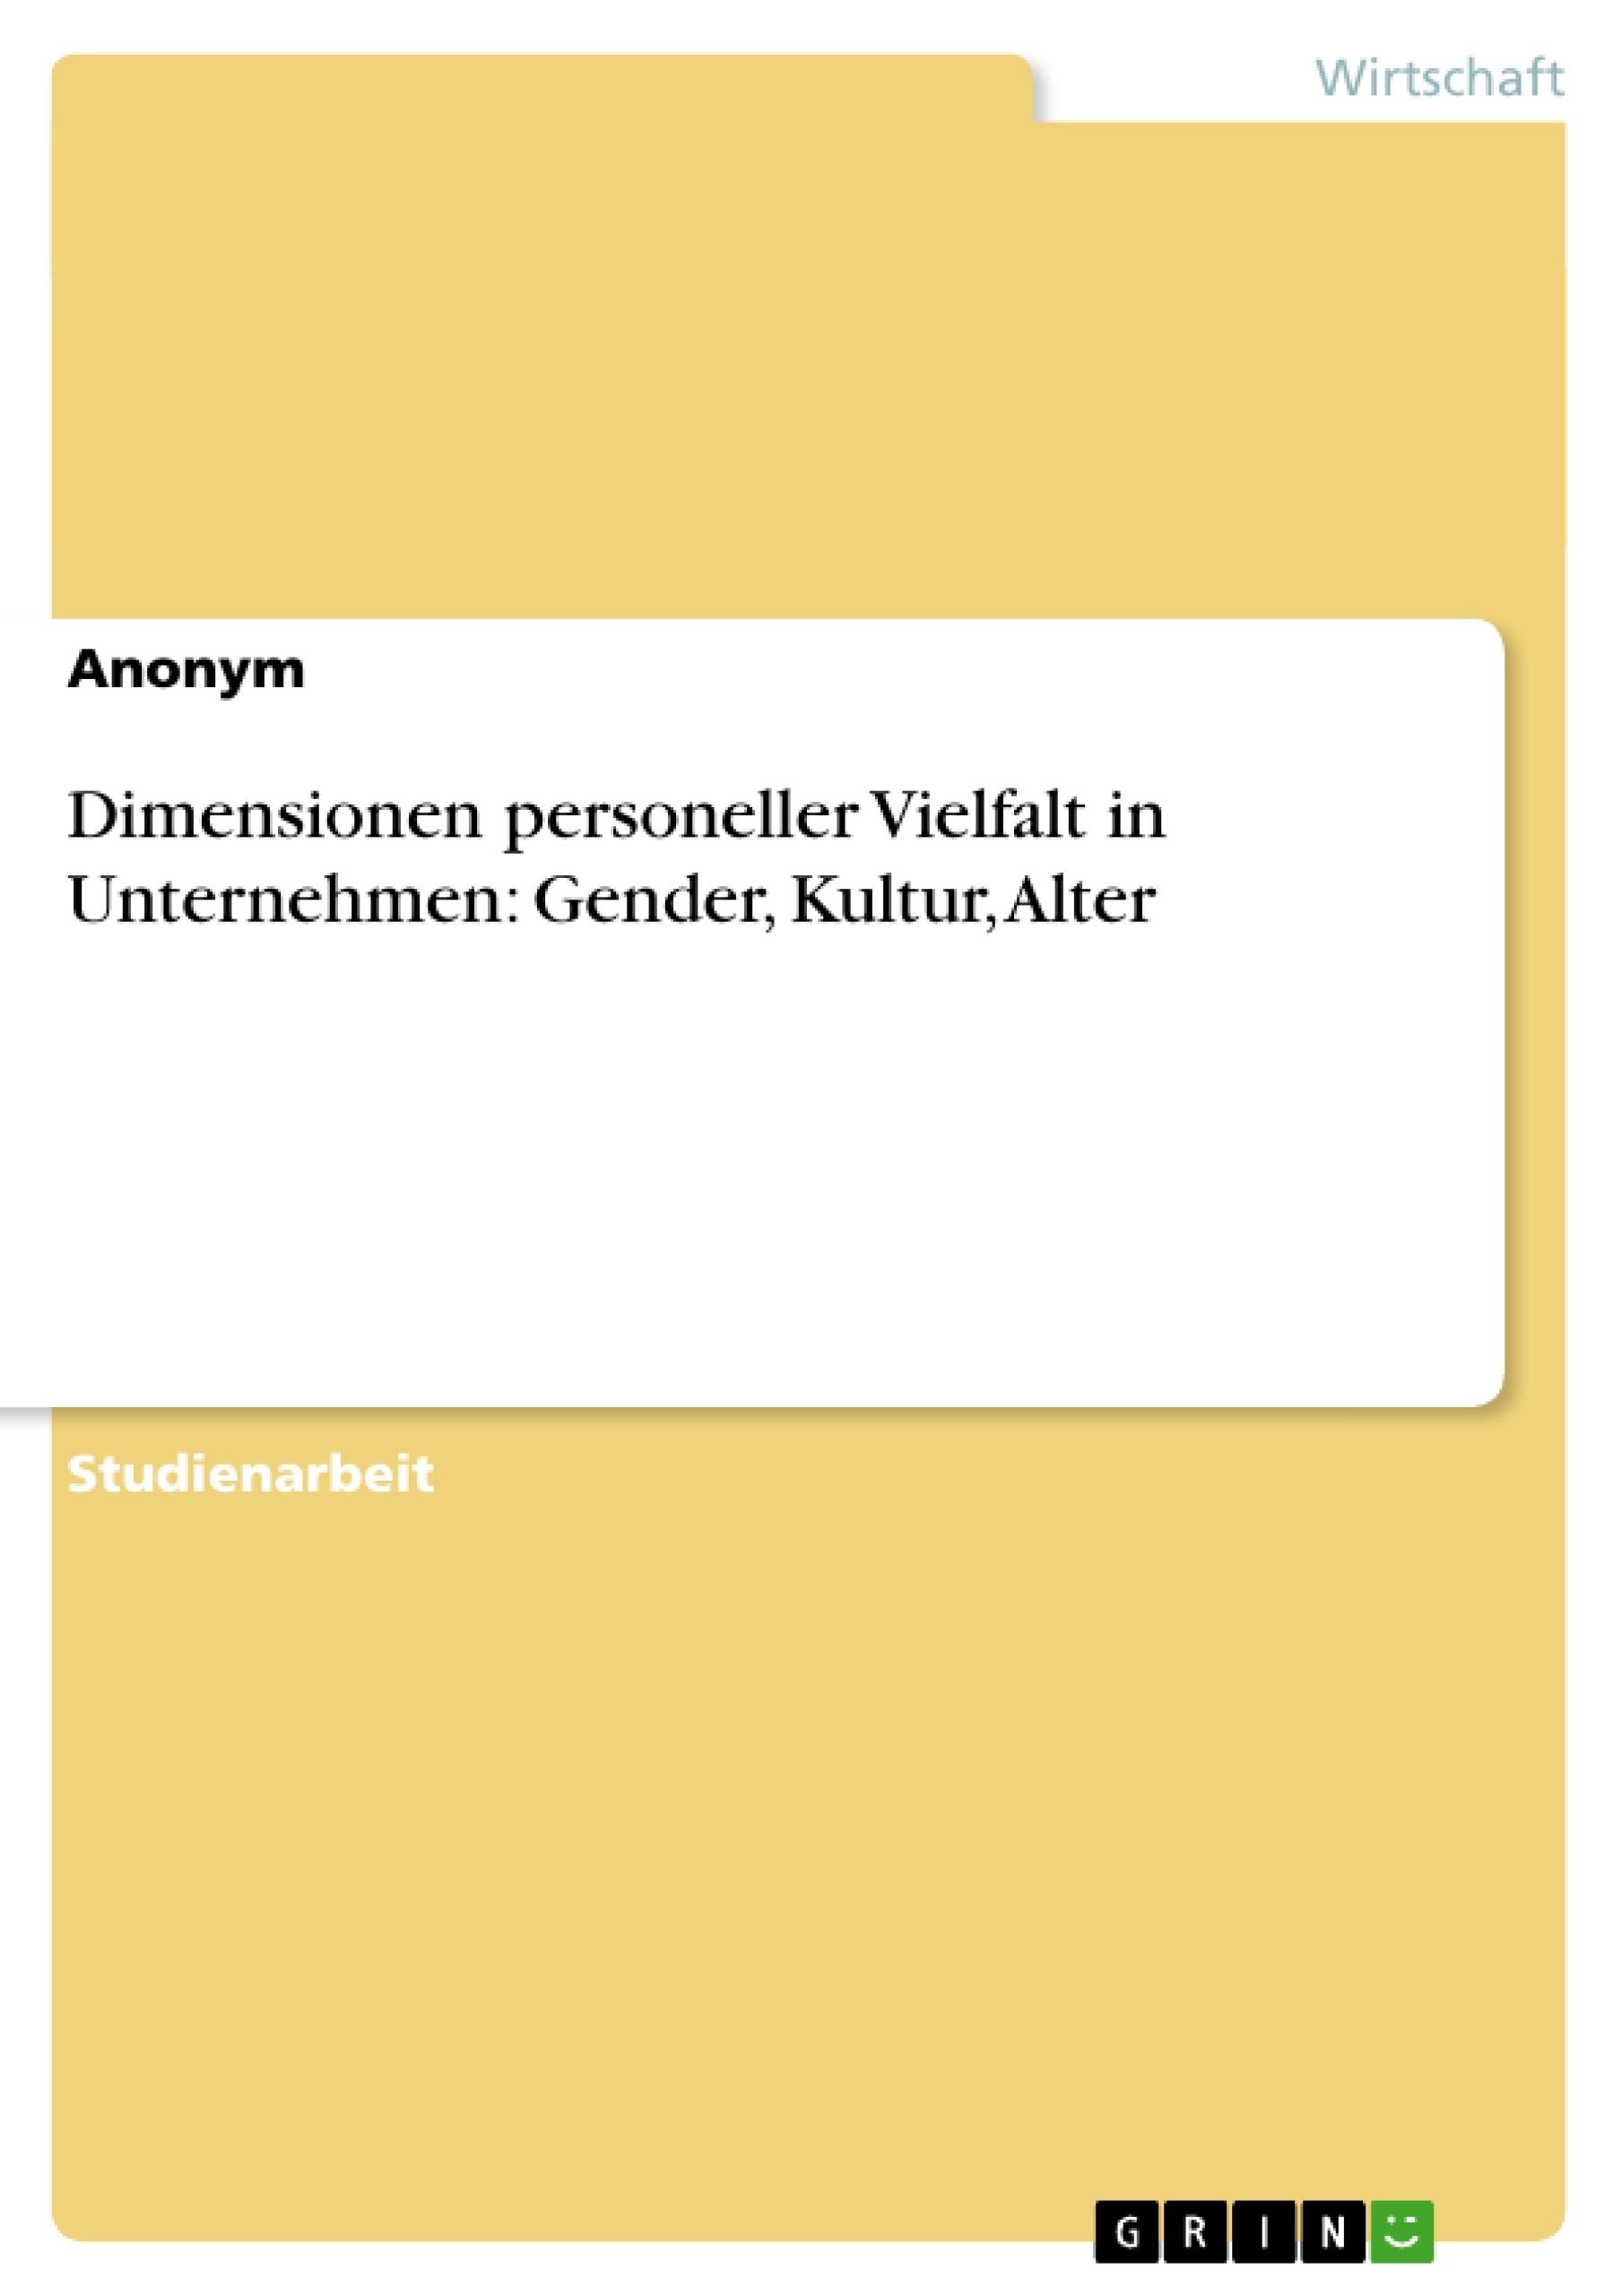 Titel: Dimensionen personeller Vielfalt in Unternehmen: Gender, Kultur, Alter